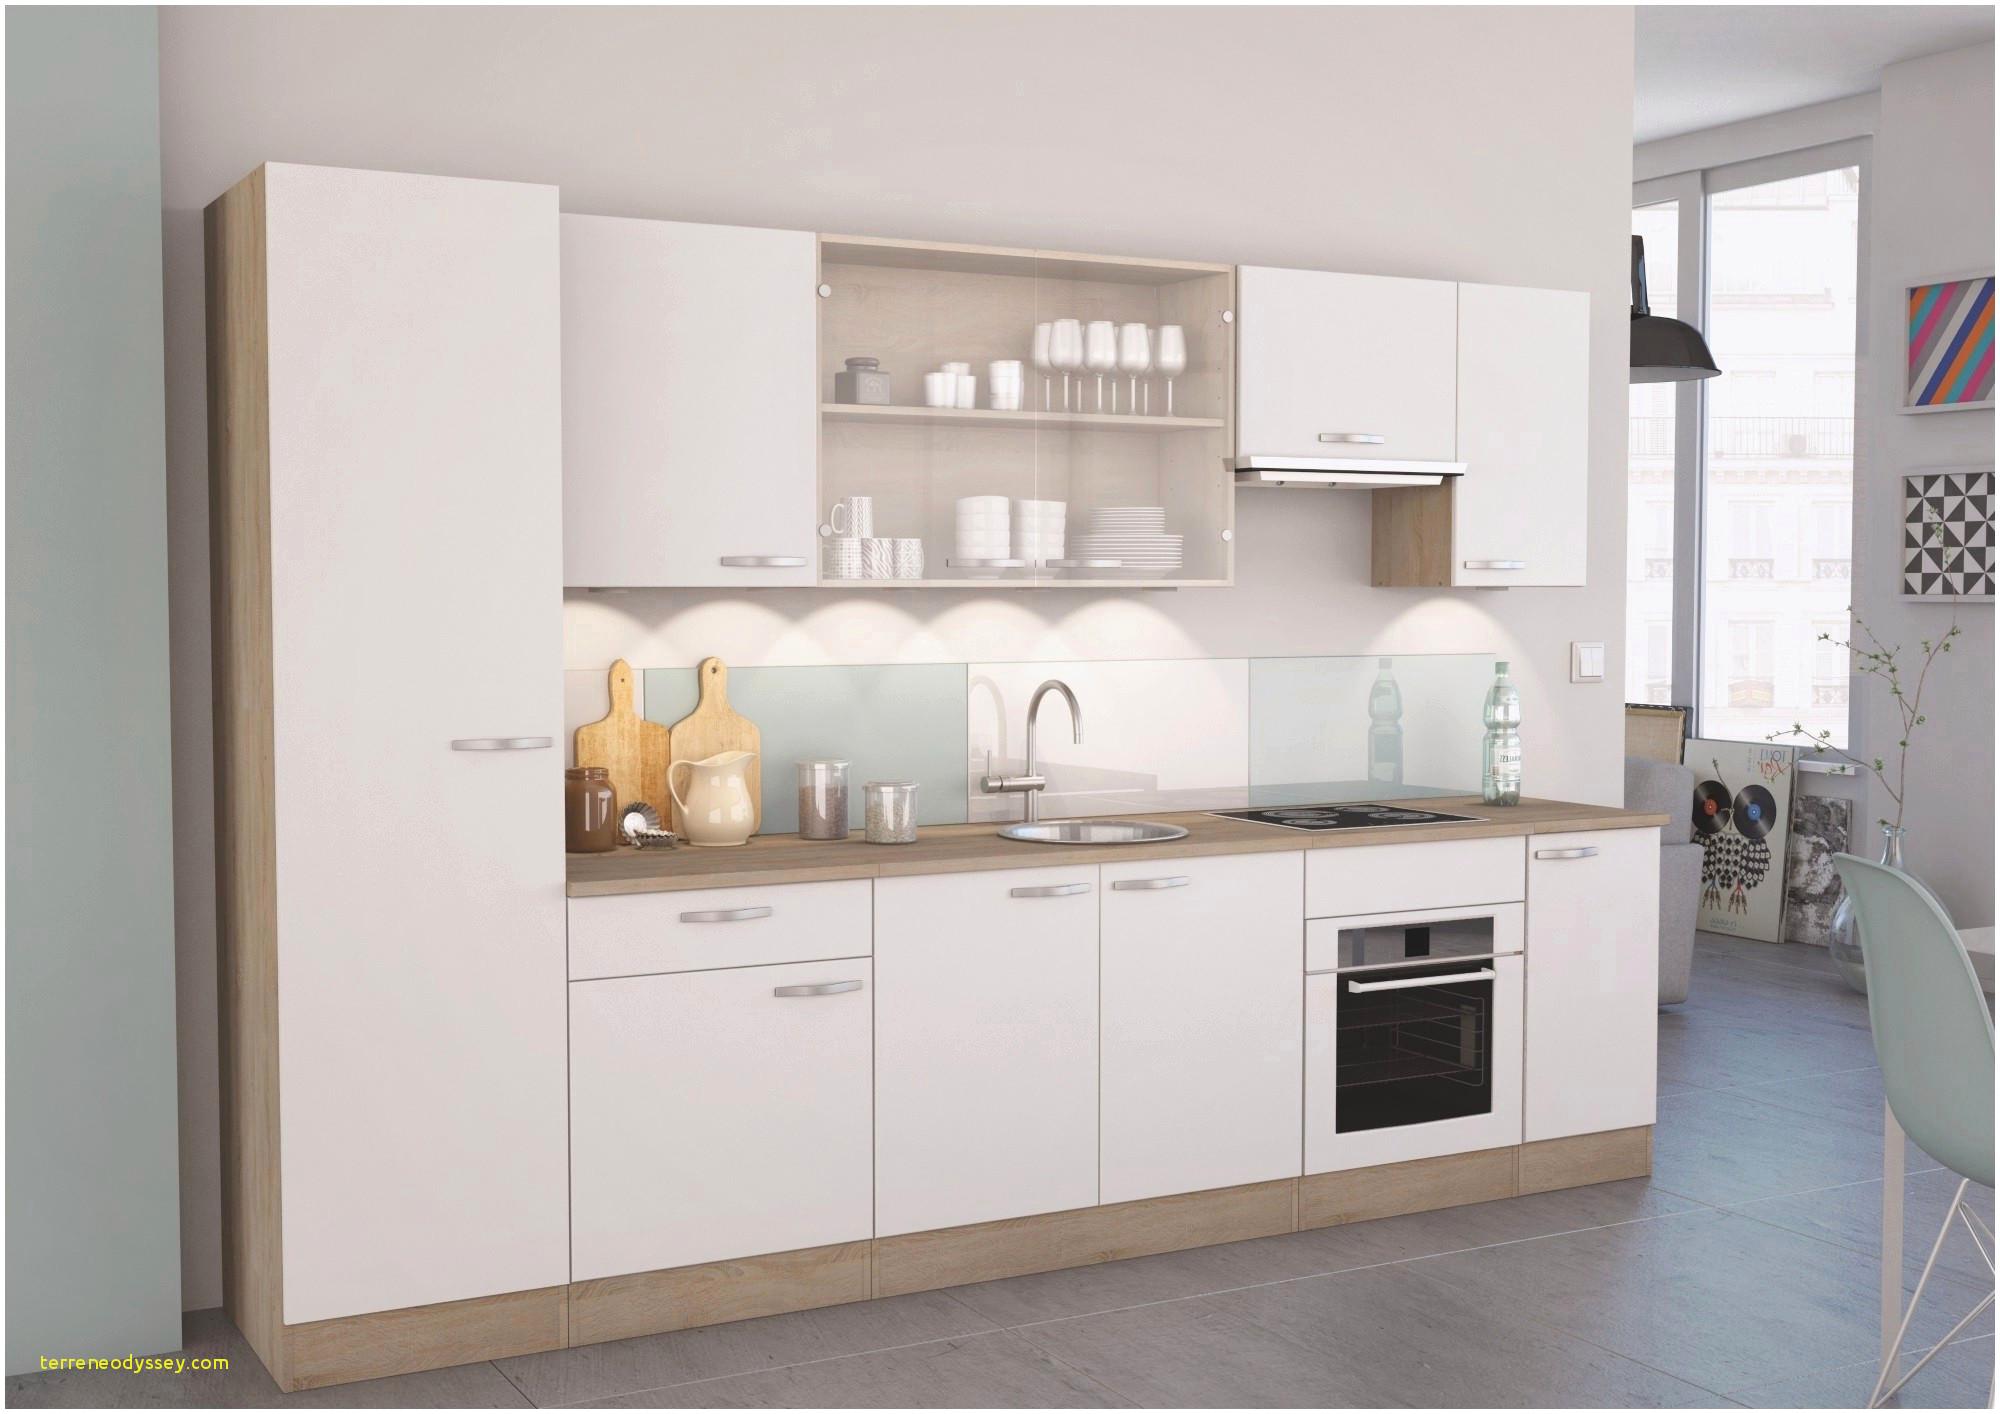 Meuble haut cuisine ikea prix lille maison - Ikea meuble cuisine ...